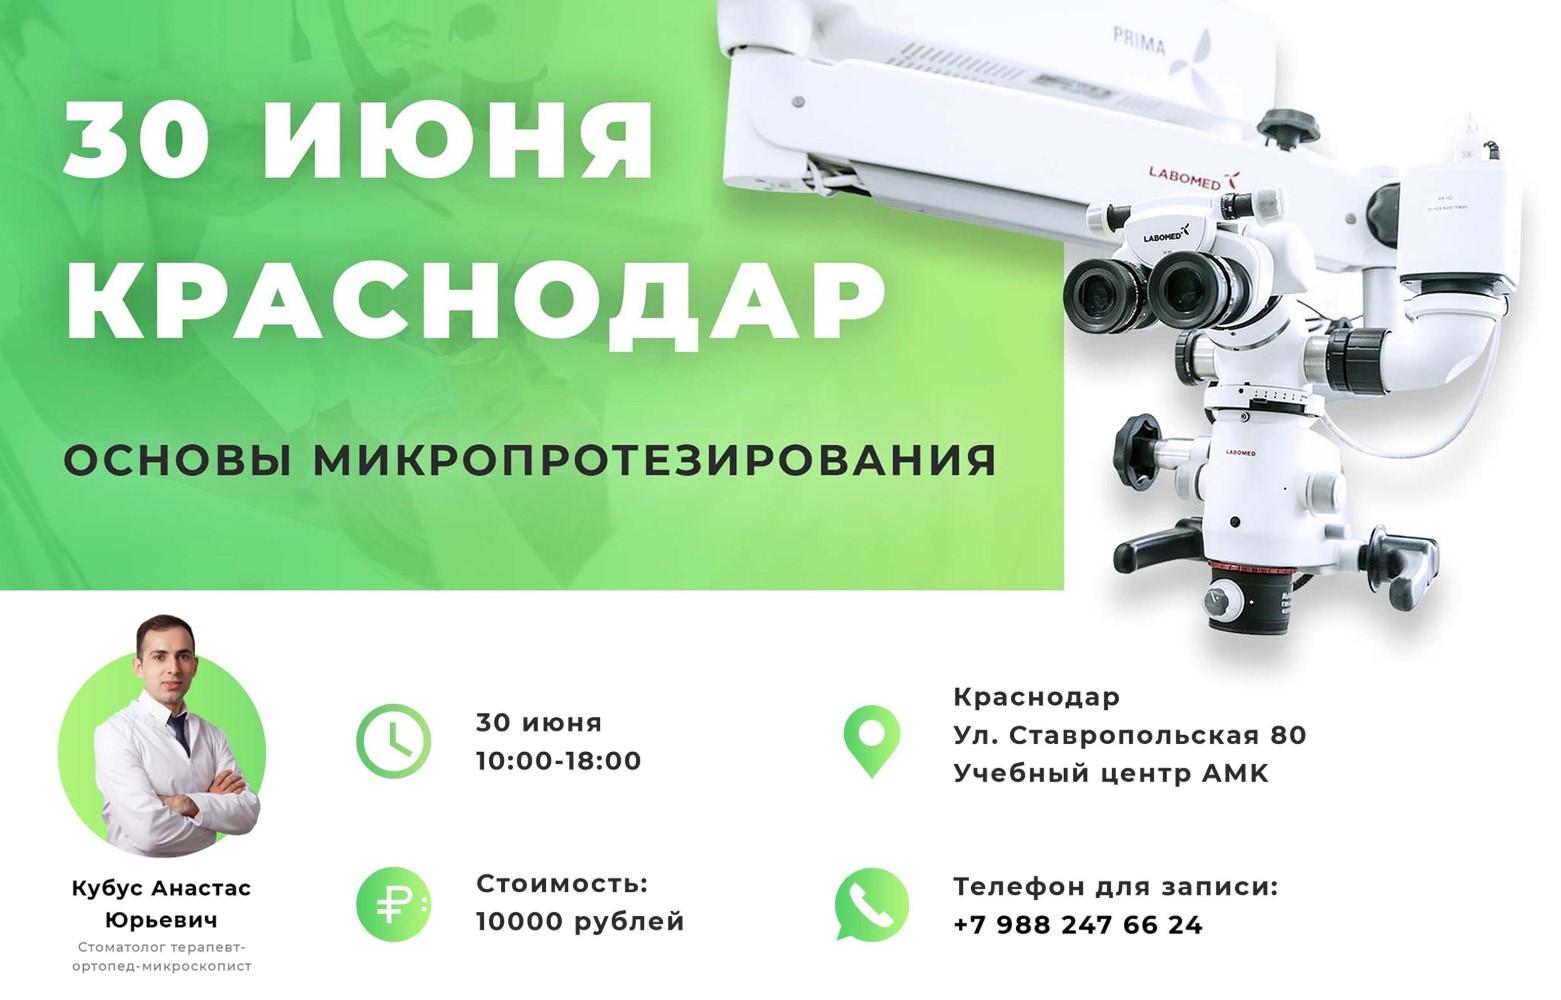 Практический курс по ортопедии с использованием микроскопа в Краснодаре